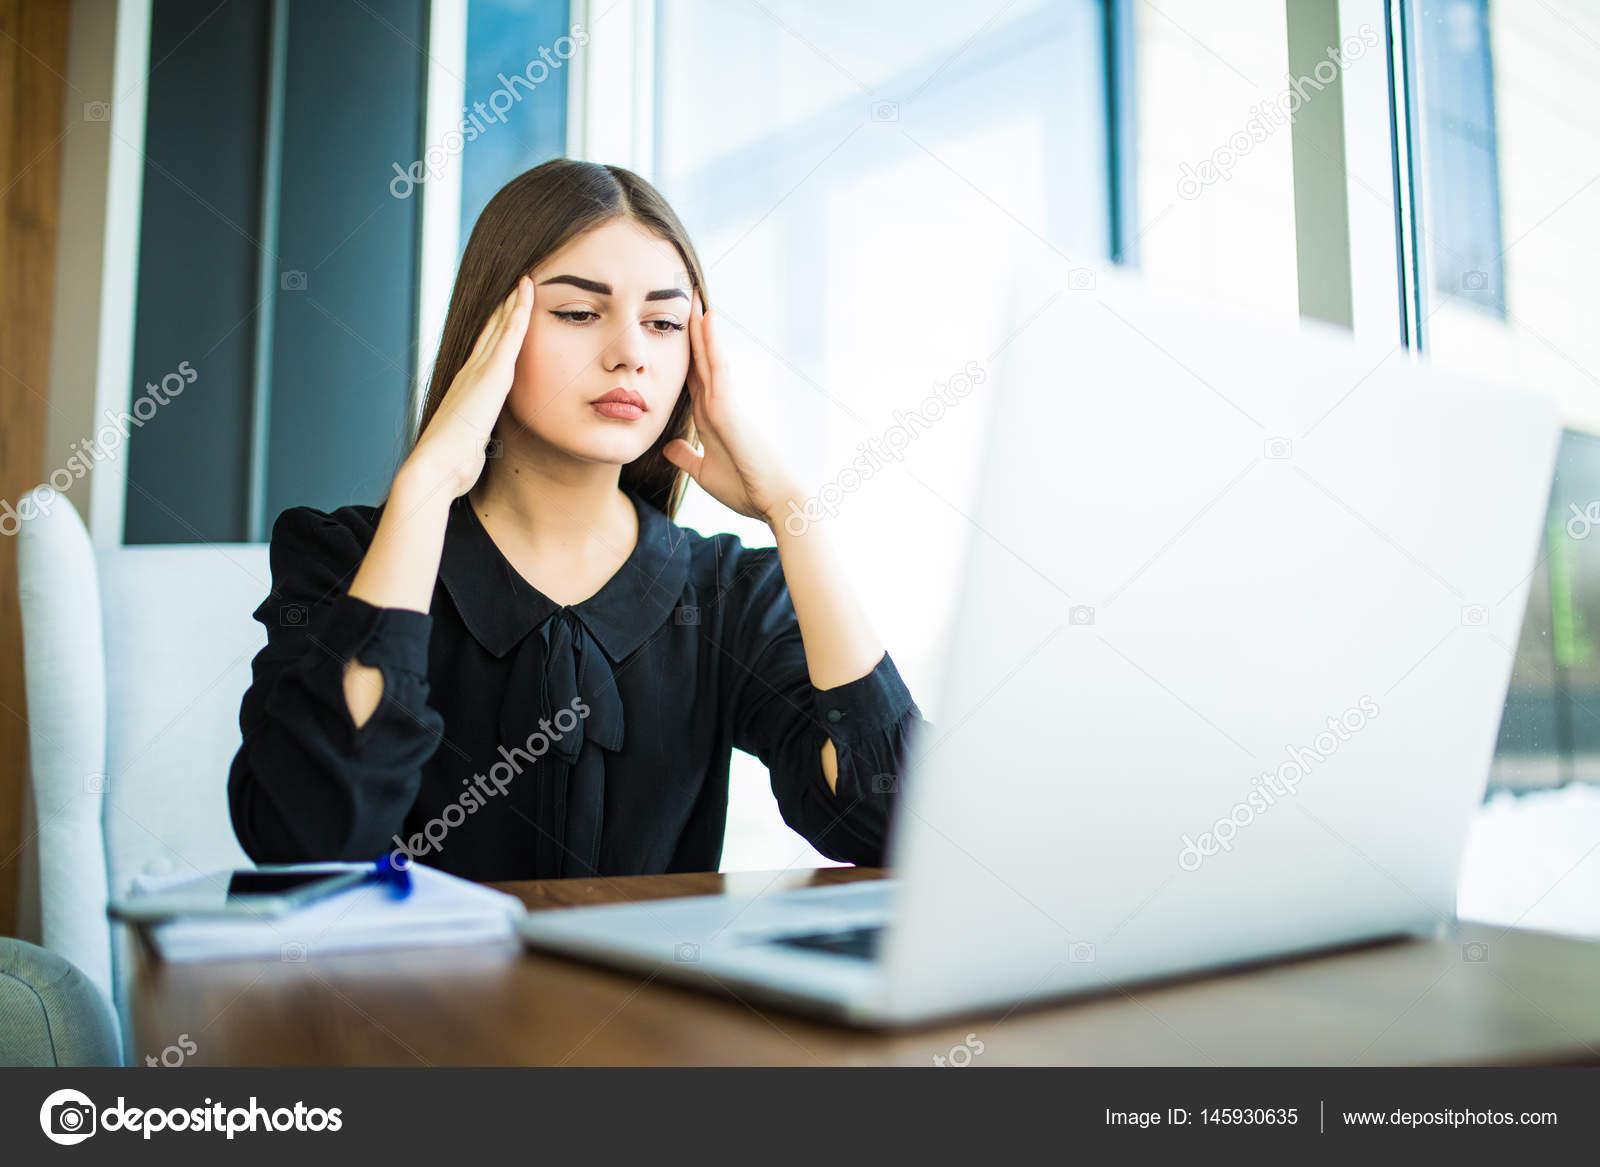 Cansado De Mulheres Vulgares-9468